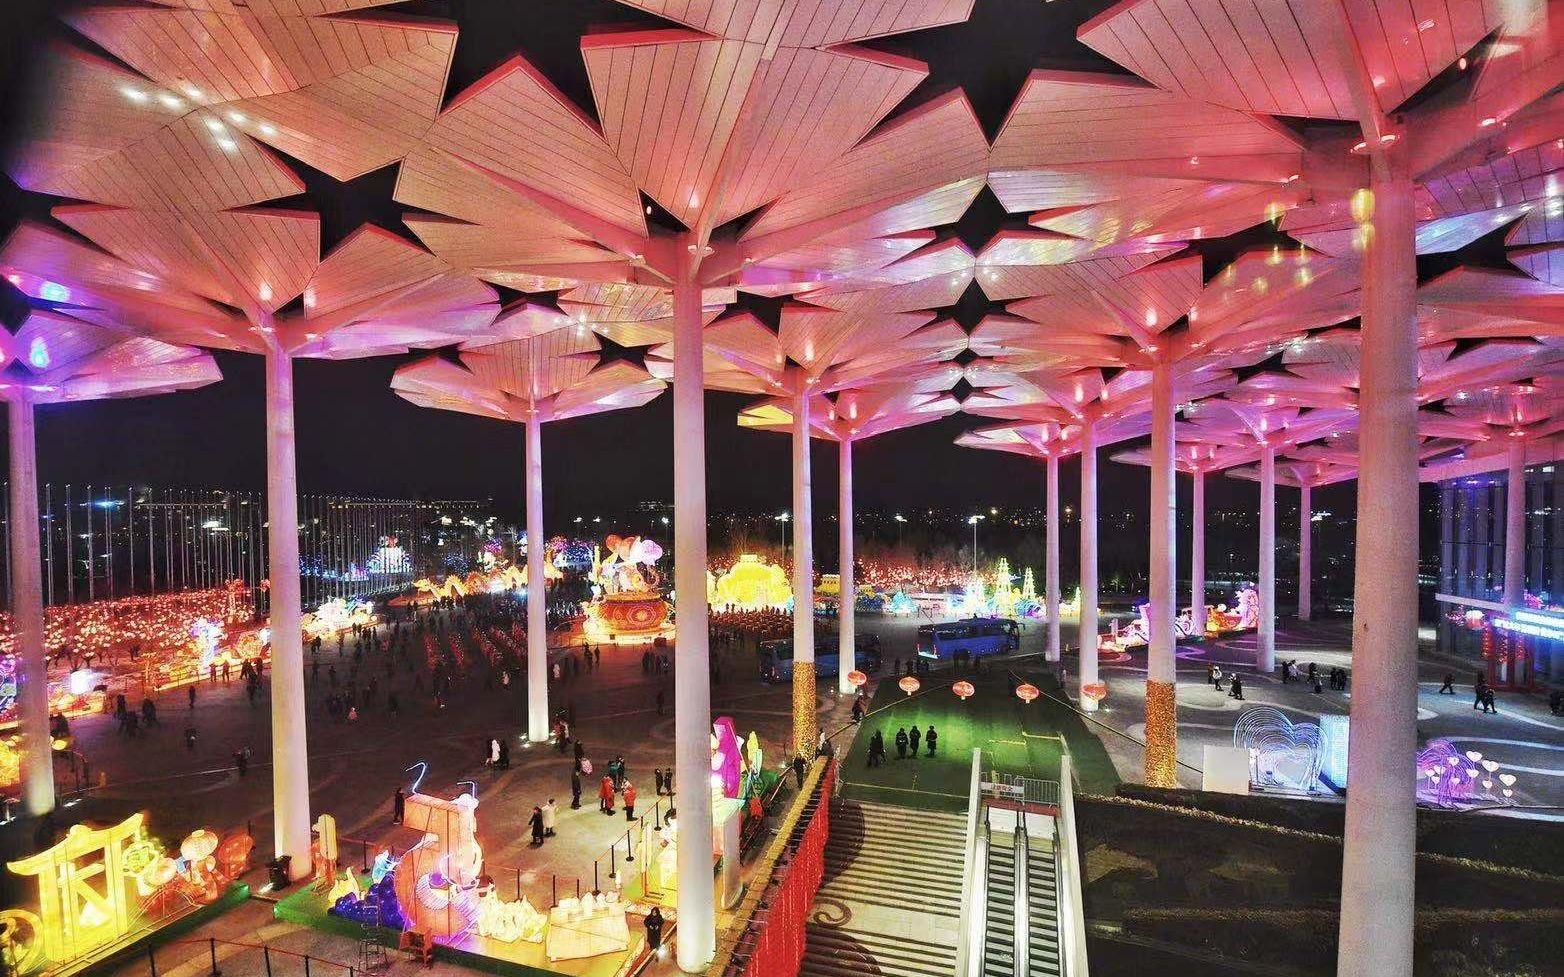 跨年之夜上演大型灯会 首届世园文化庙会启幕